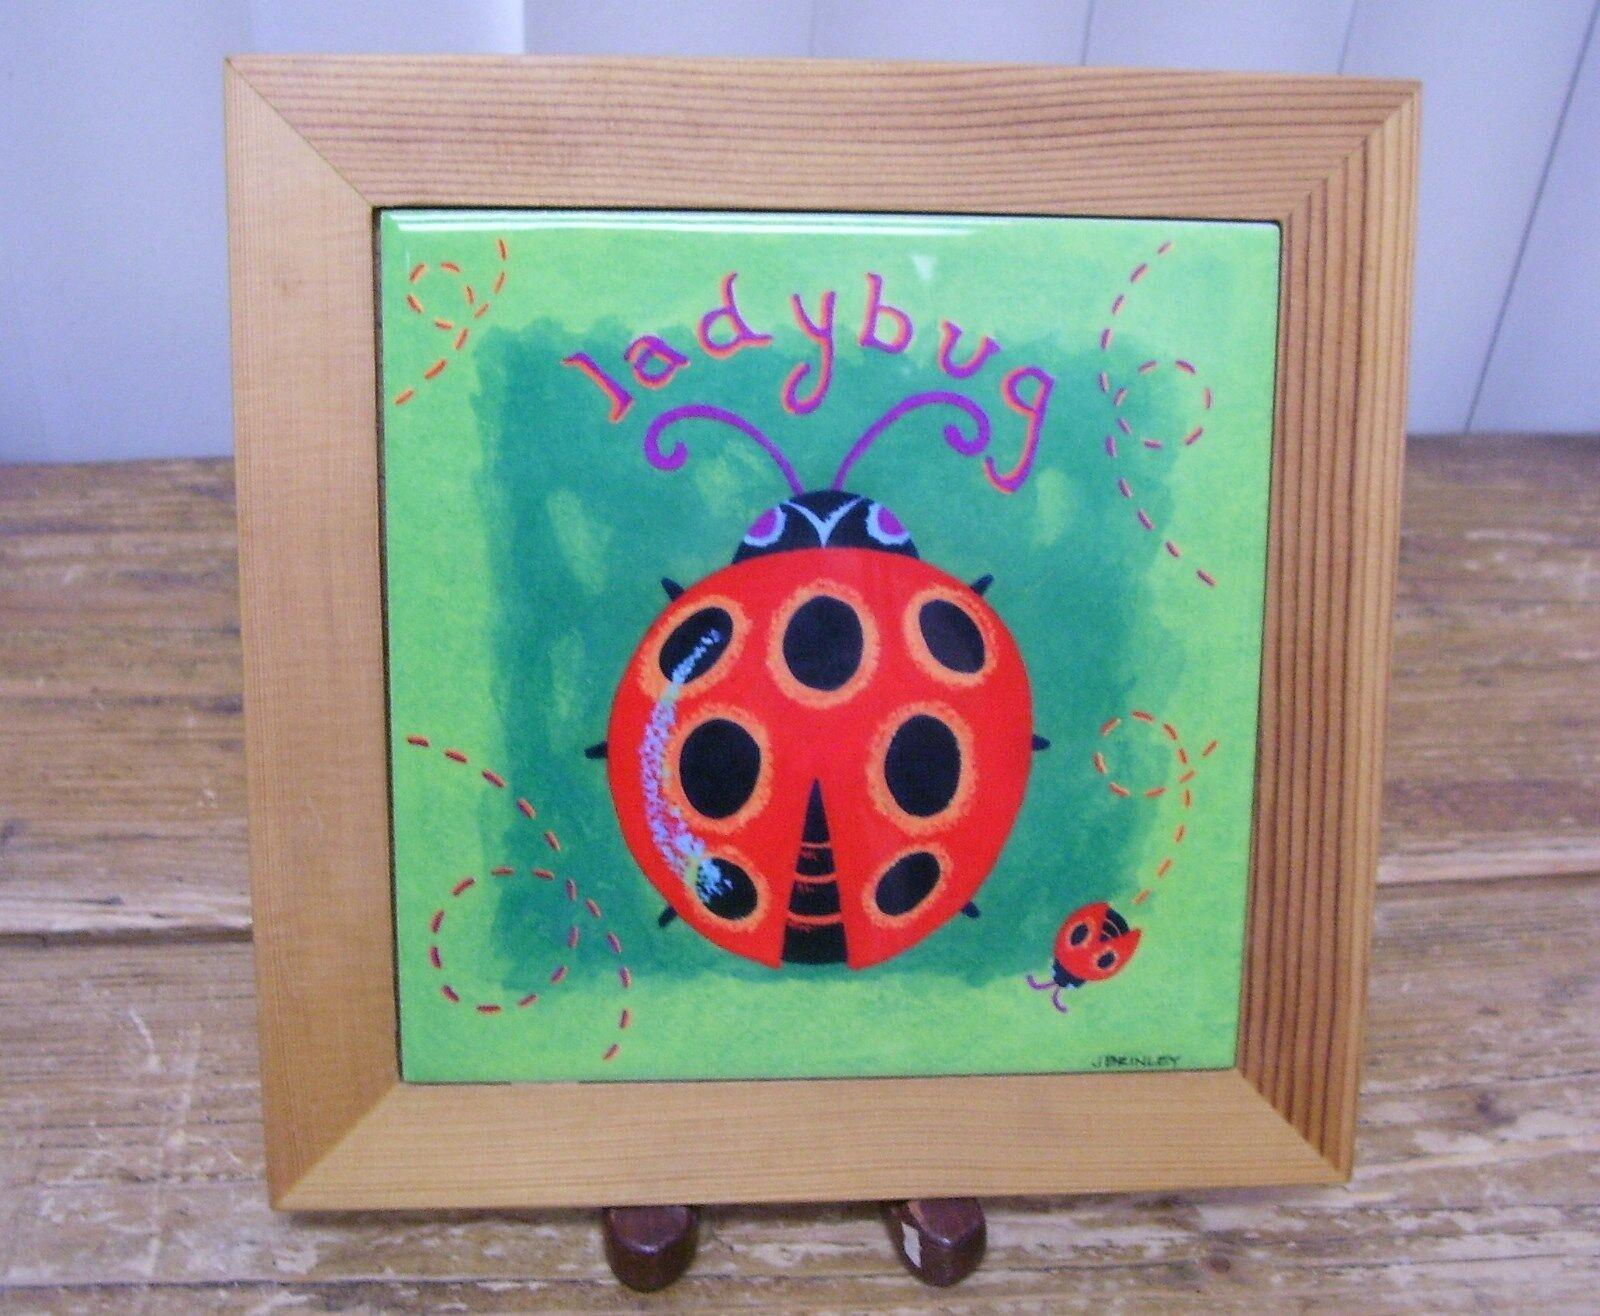 Lady bug ladybug ceramic tile trivet wall decoration decor j brinley lady bug ladybug ceramic tile trivet wall decoration decor j brinley dailygadgetfo Choice Image